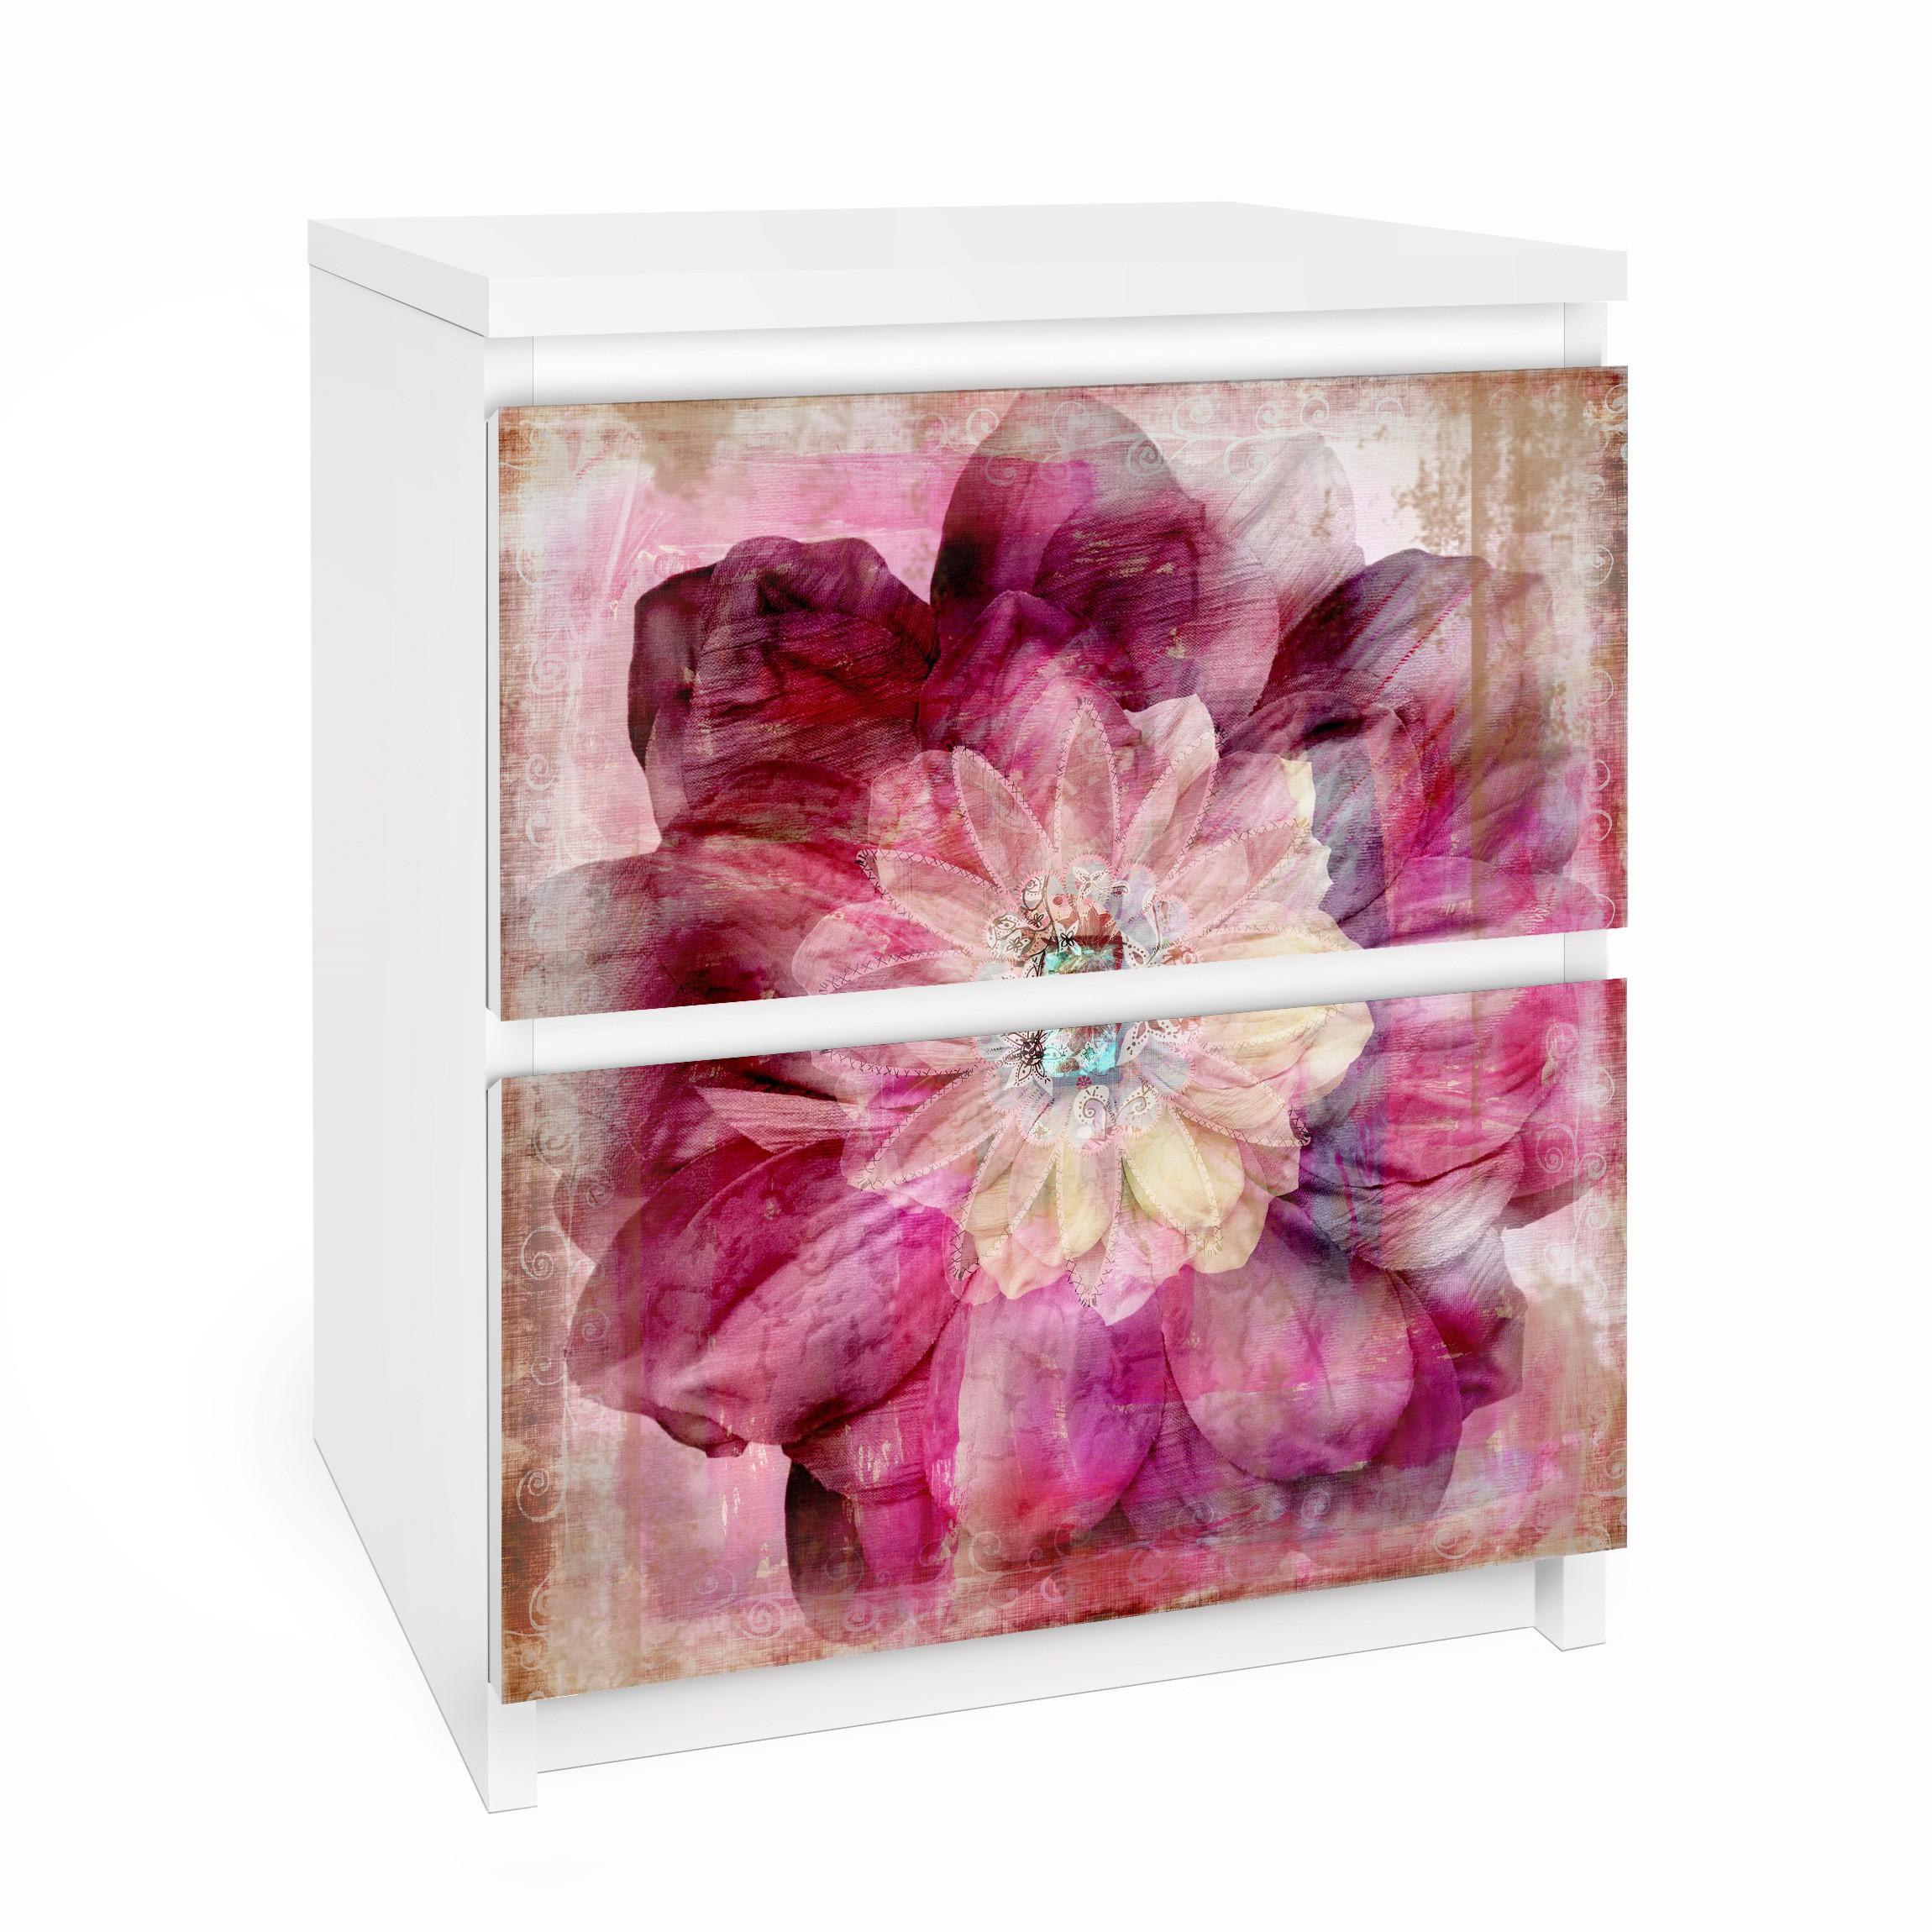 Carta adesiva per mobili ikea malm cassettiera 2xcassetti grunge flower - Pellicola adesiva per mobili ikea ...